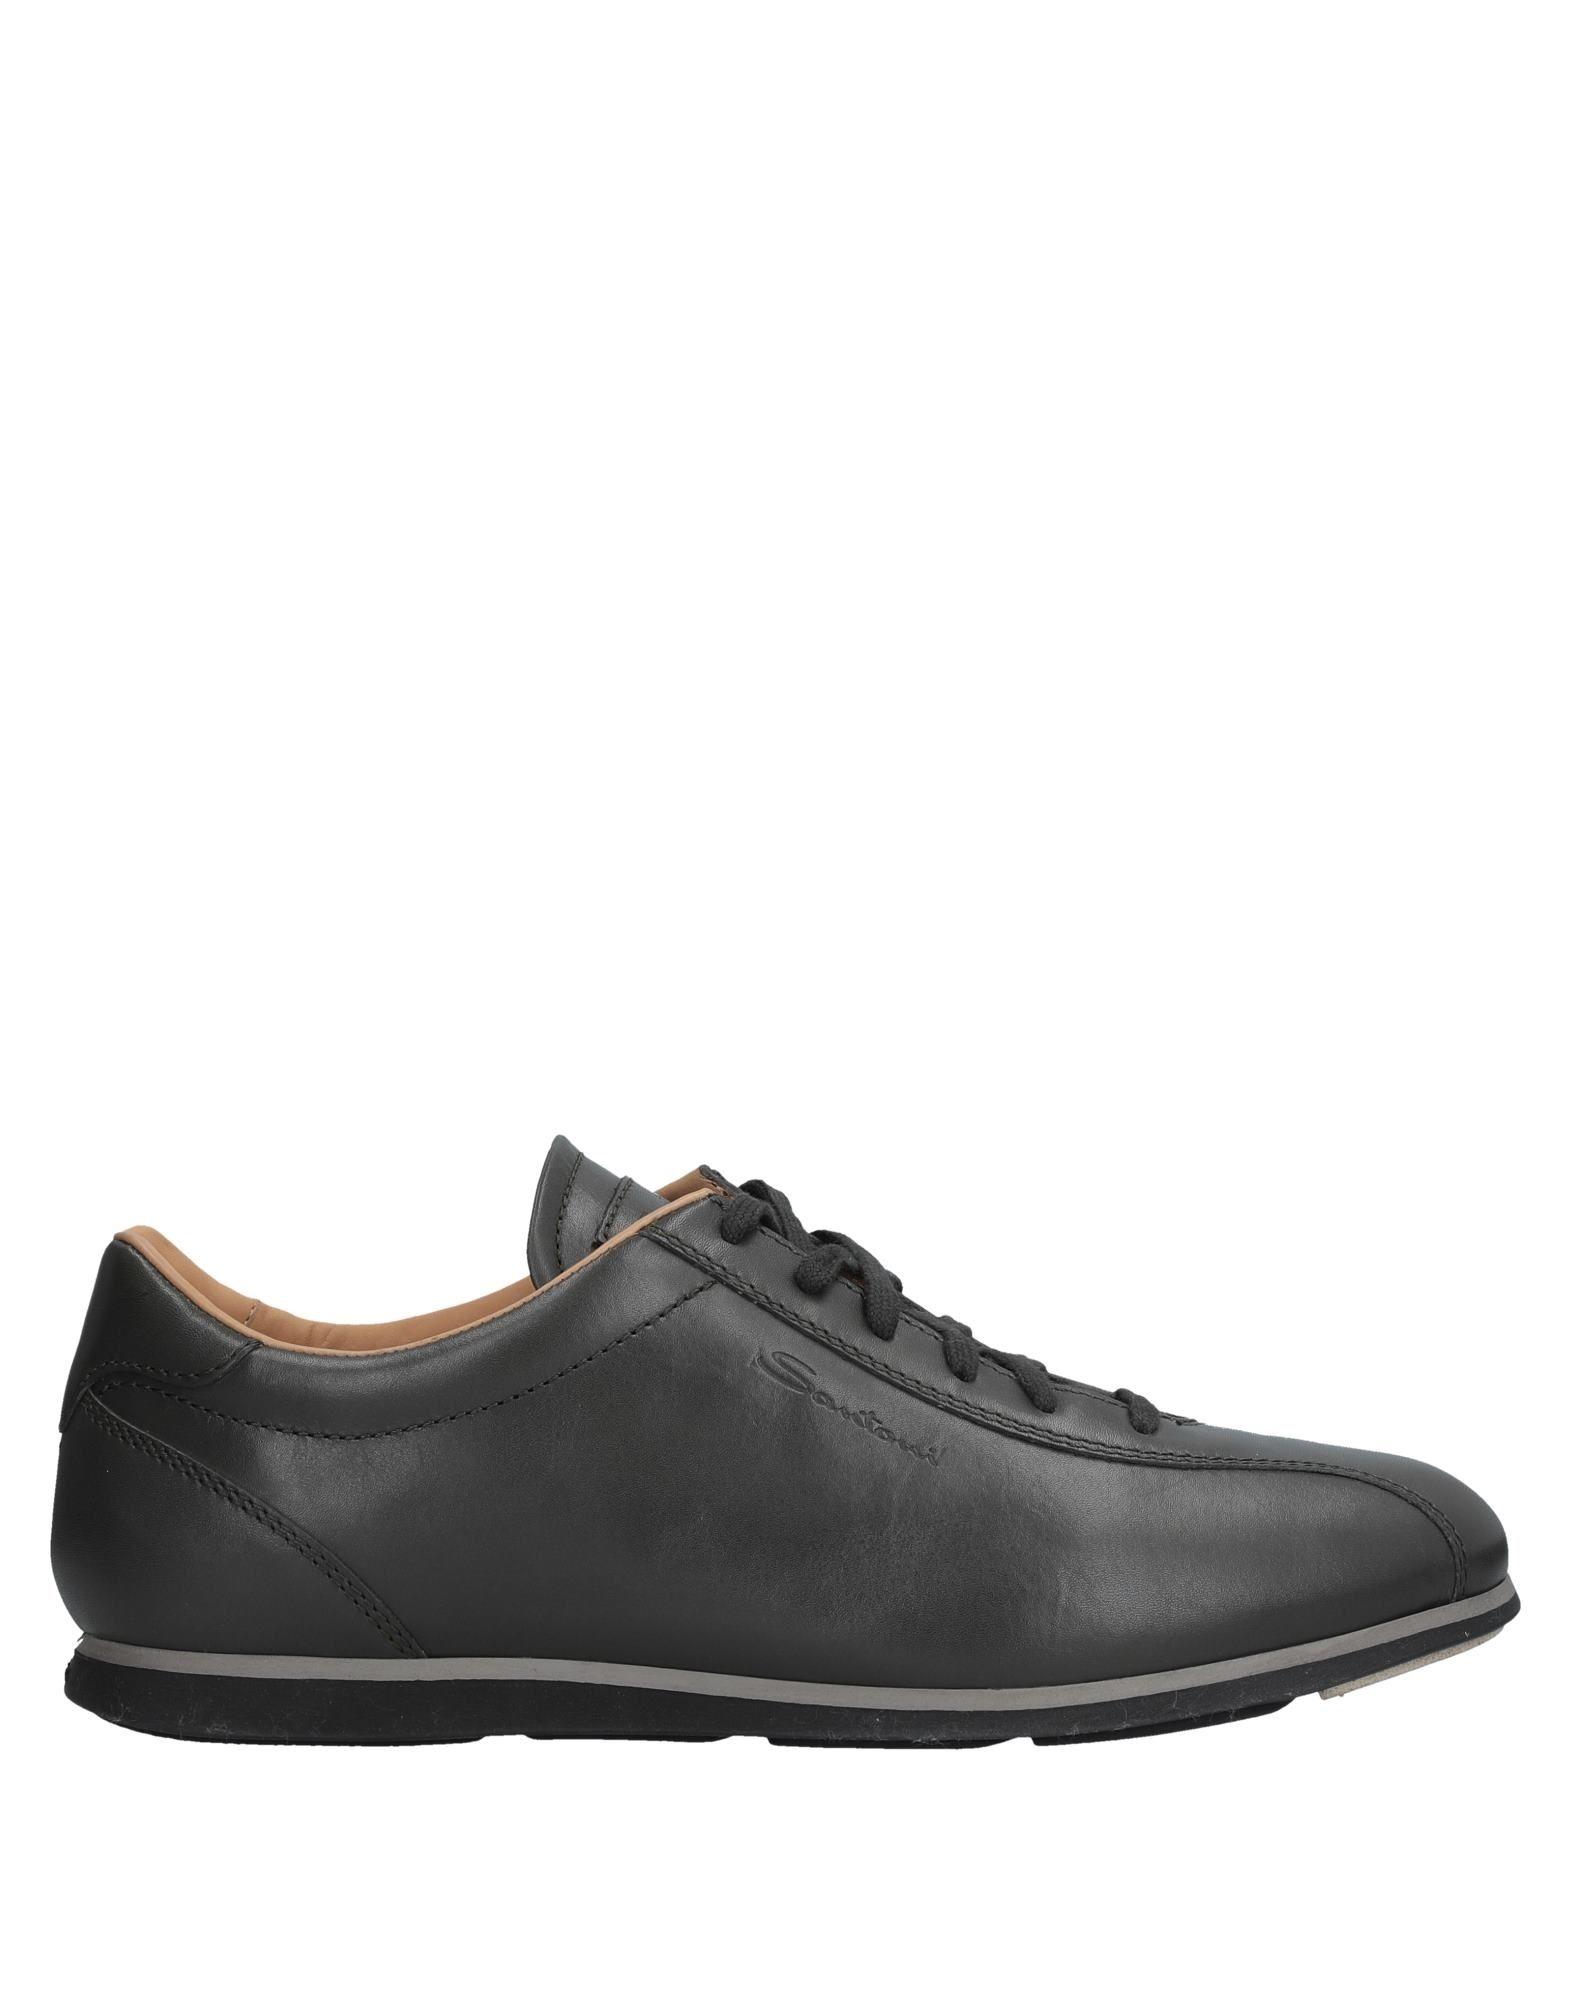 Santoni Sneakers Herren  11541981JG Gute Qualität beliebte Schuhe